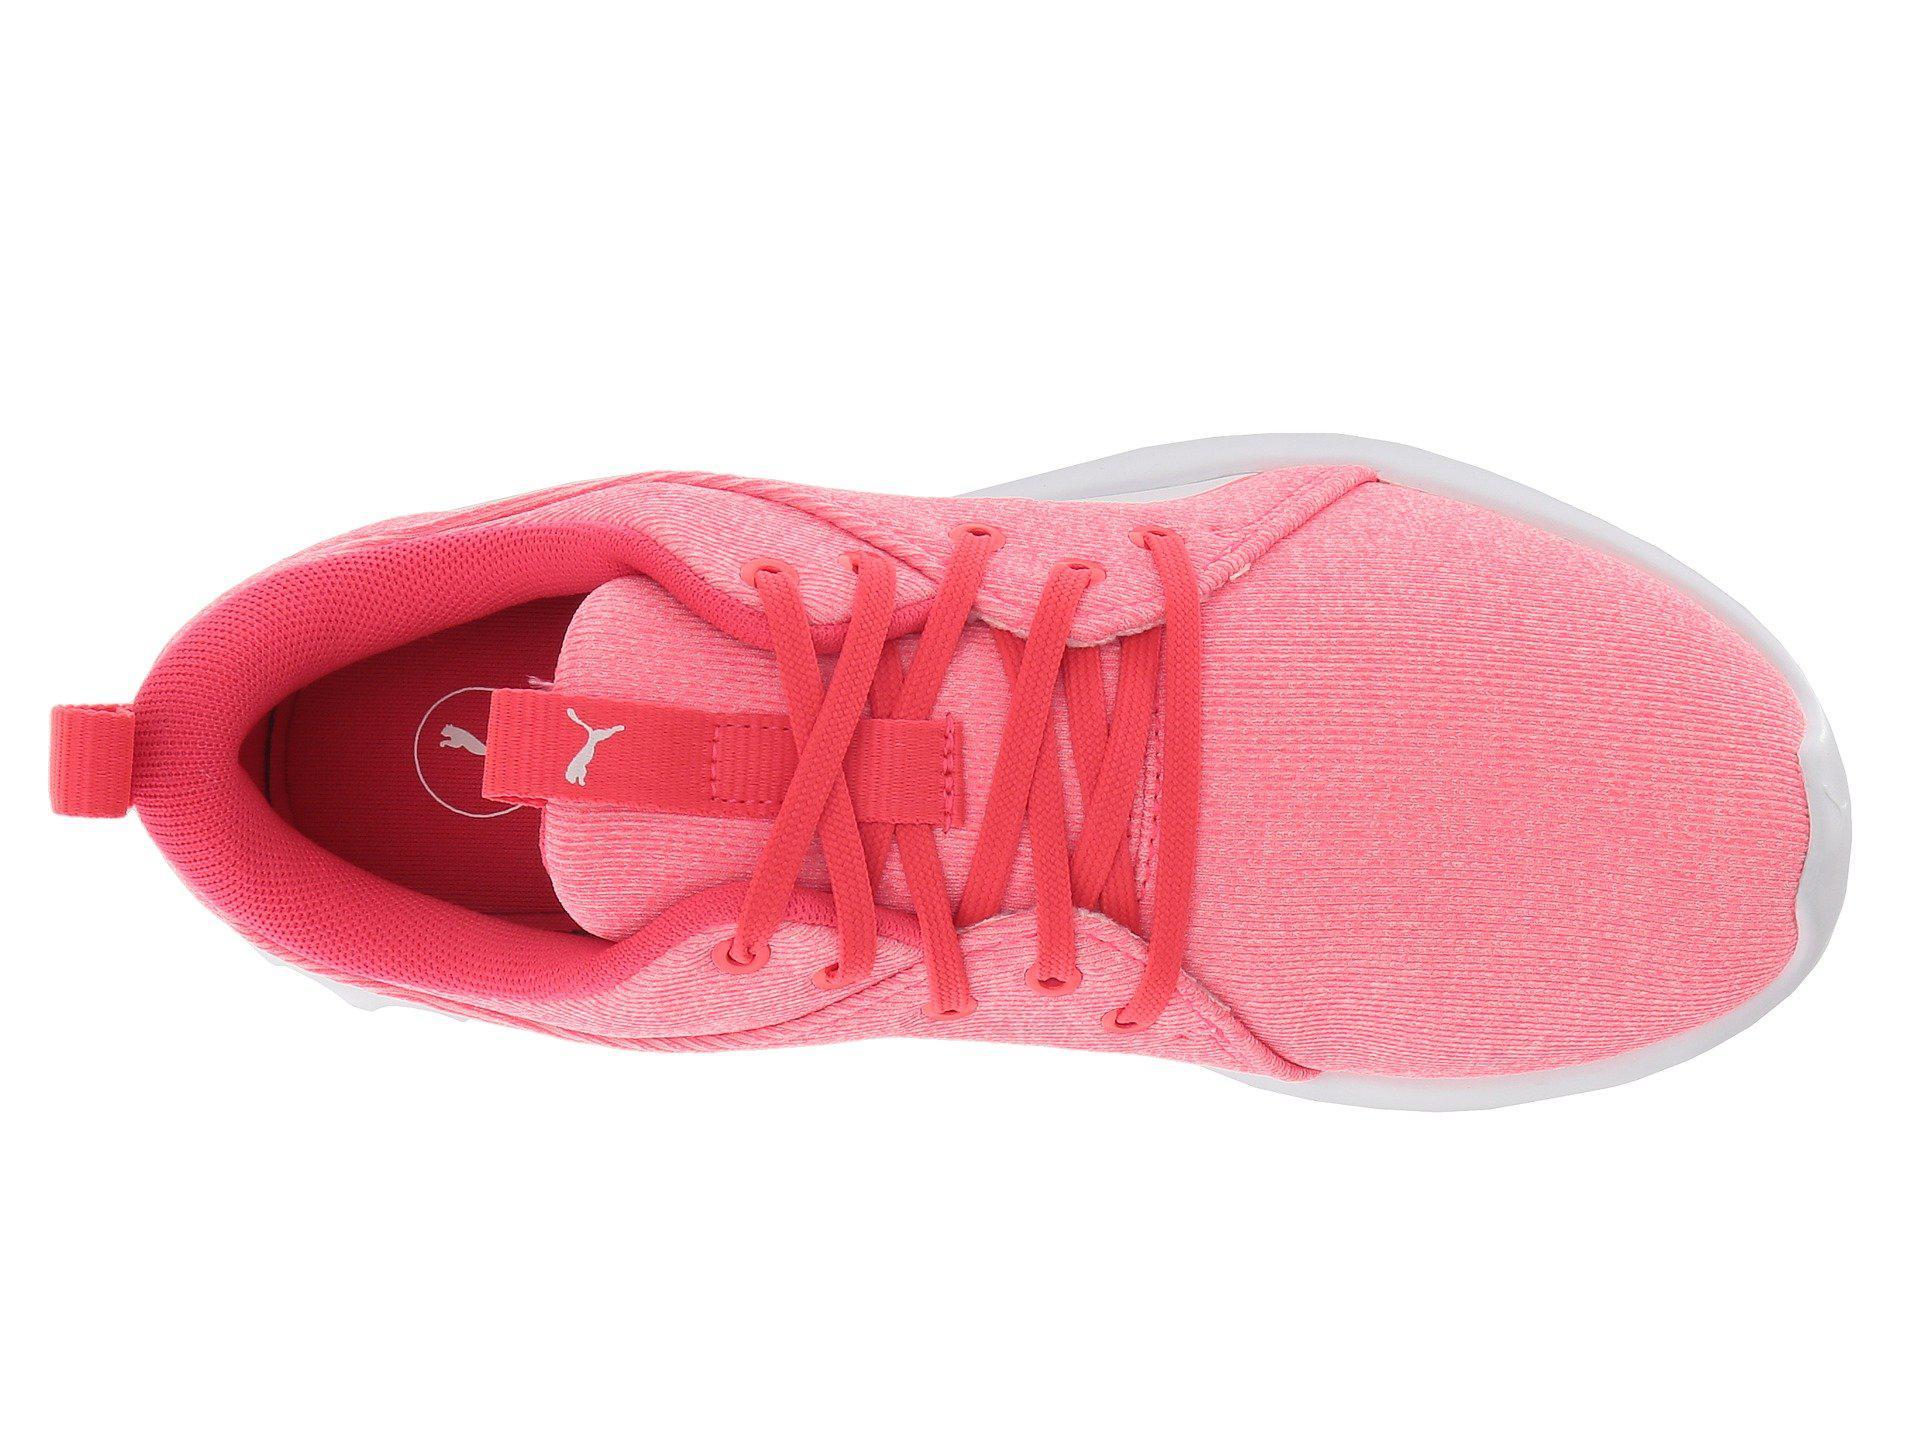 PUMA - Pink Carson 2 Nautical - Lyst. View fullscreen 78a21dc95